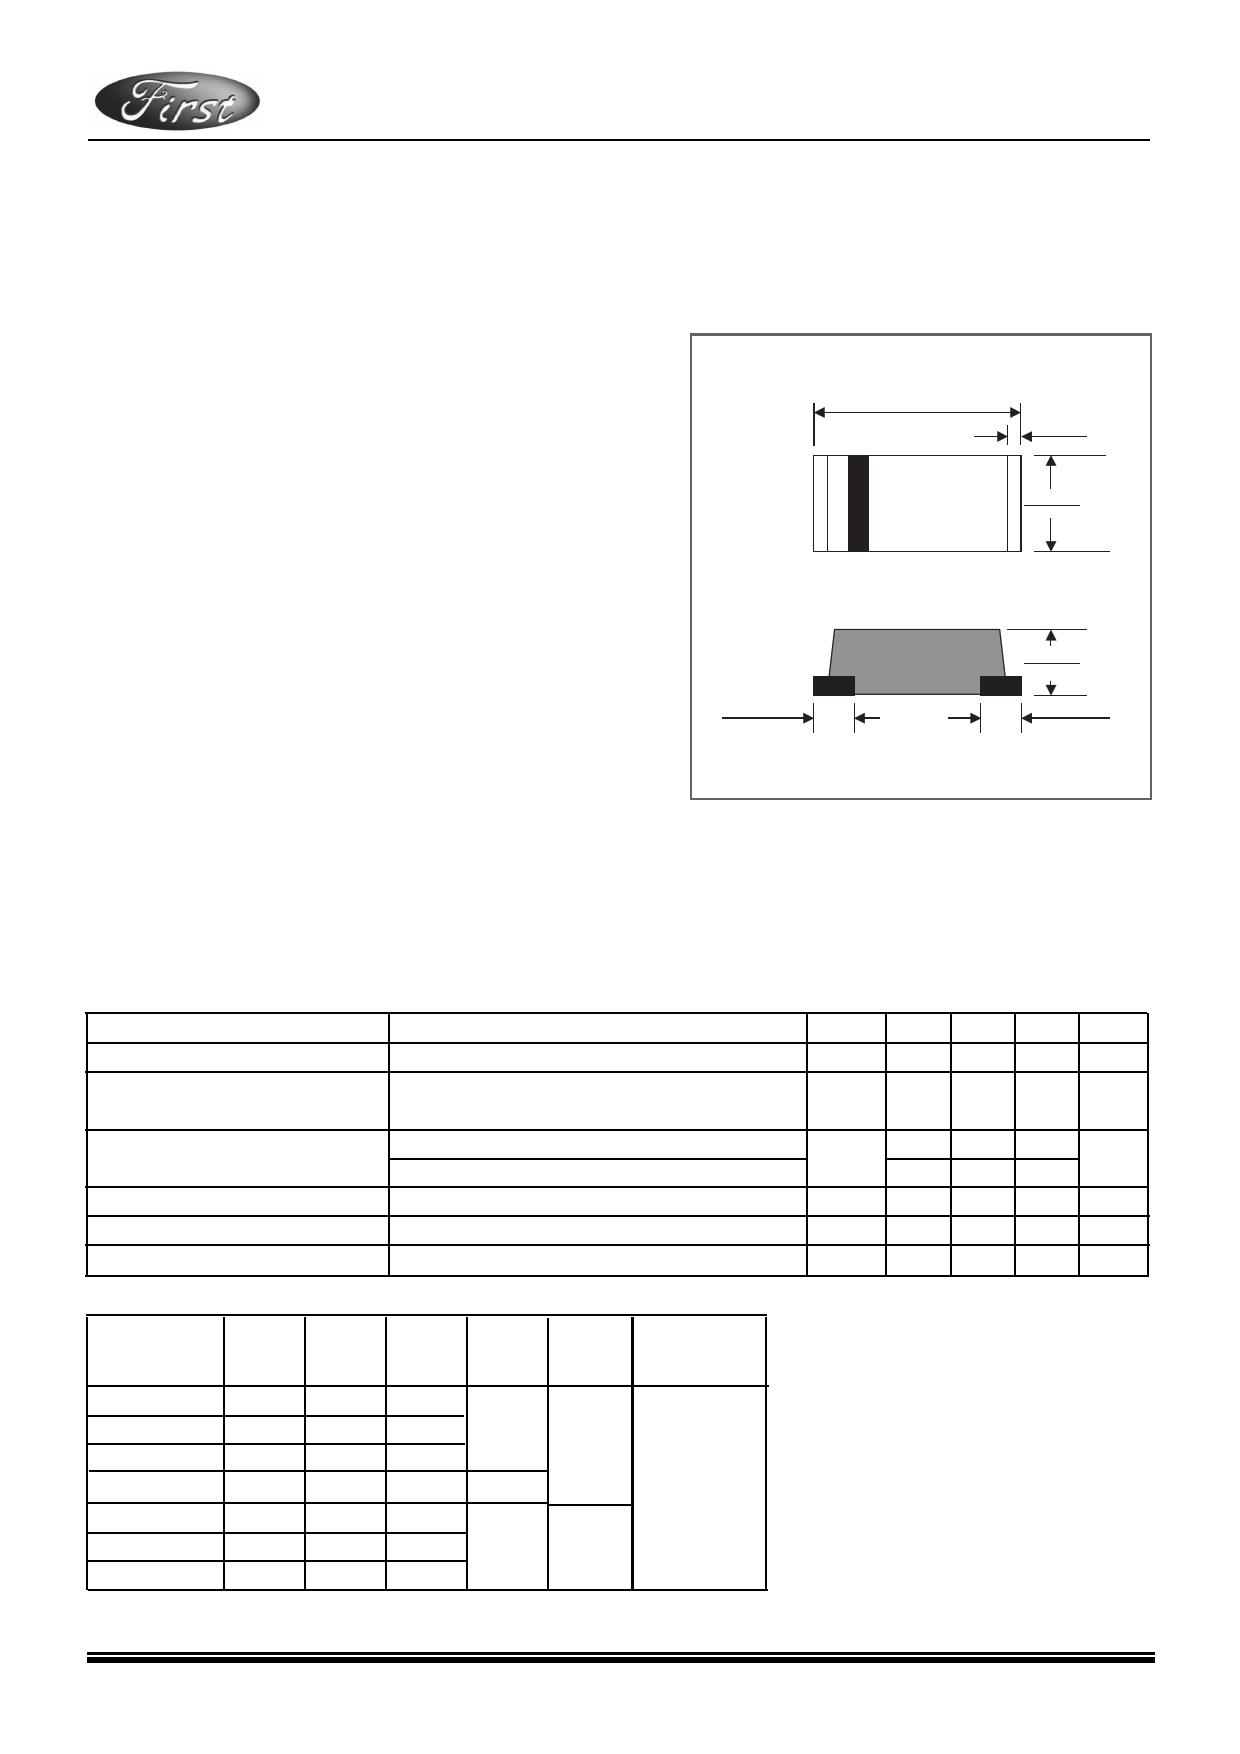 MURA260G Datasheet